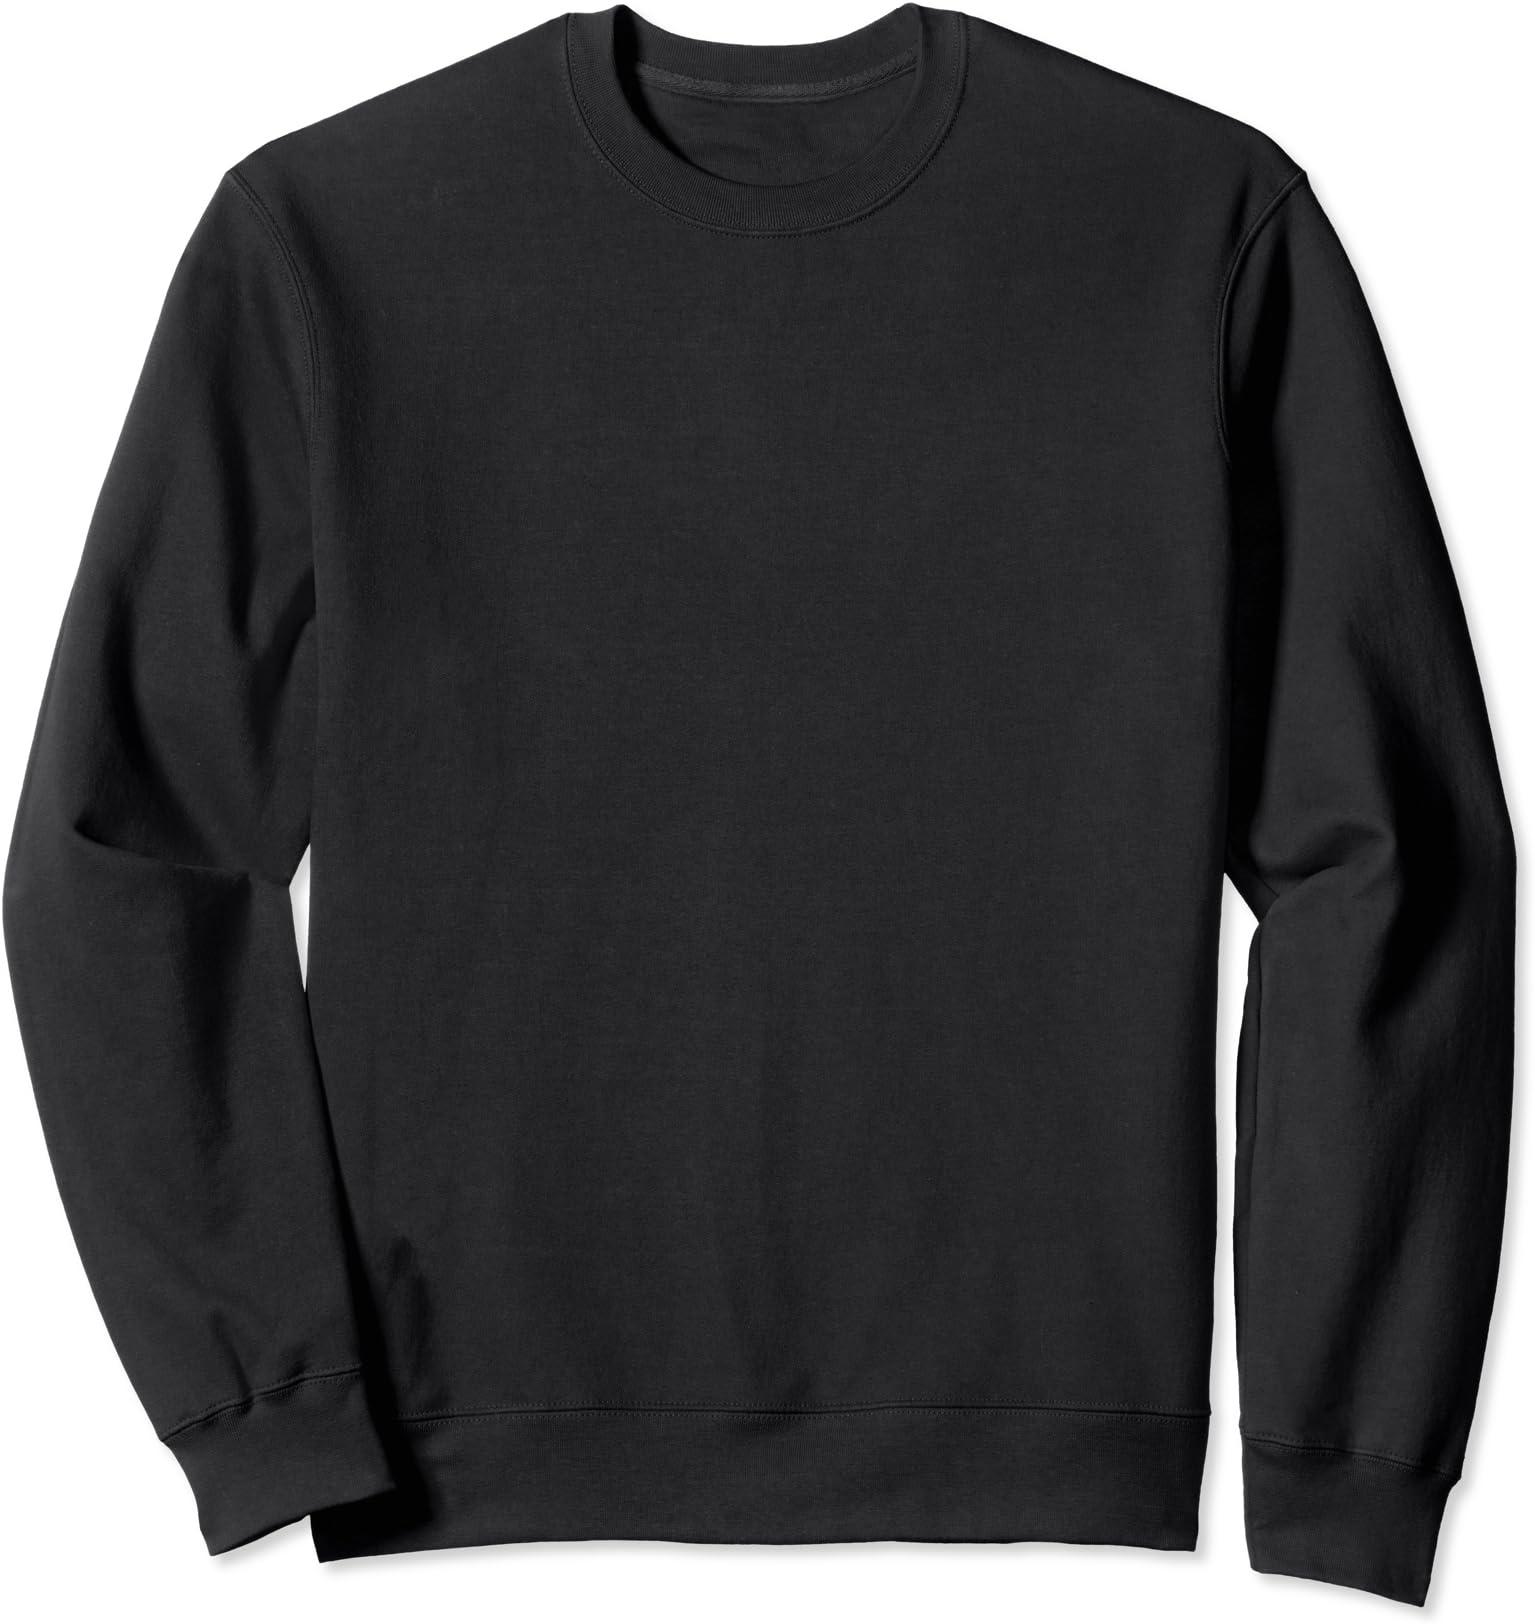 Hoodie for bike Honda CBR 600F sweatshirt hoody CBR 600 F Sudadera moto sweater